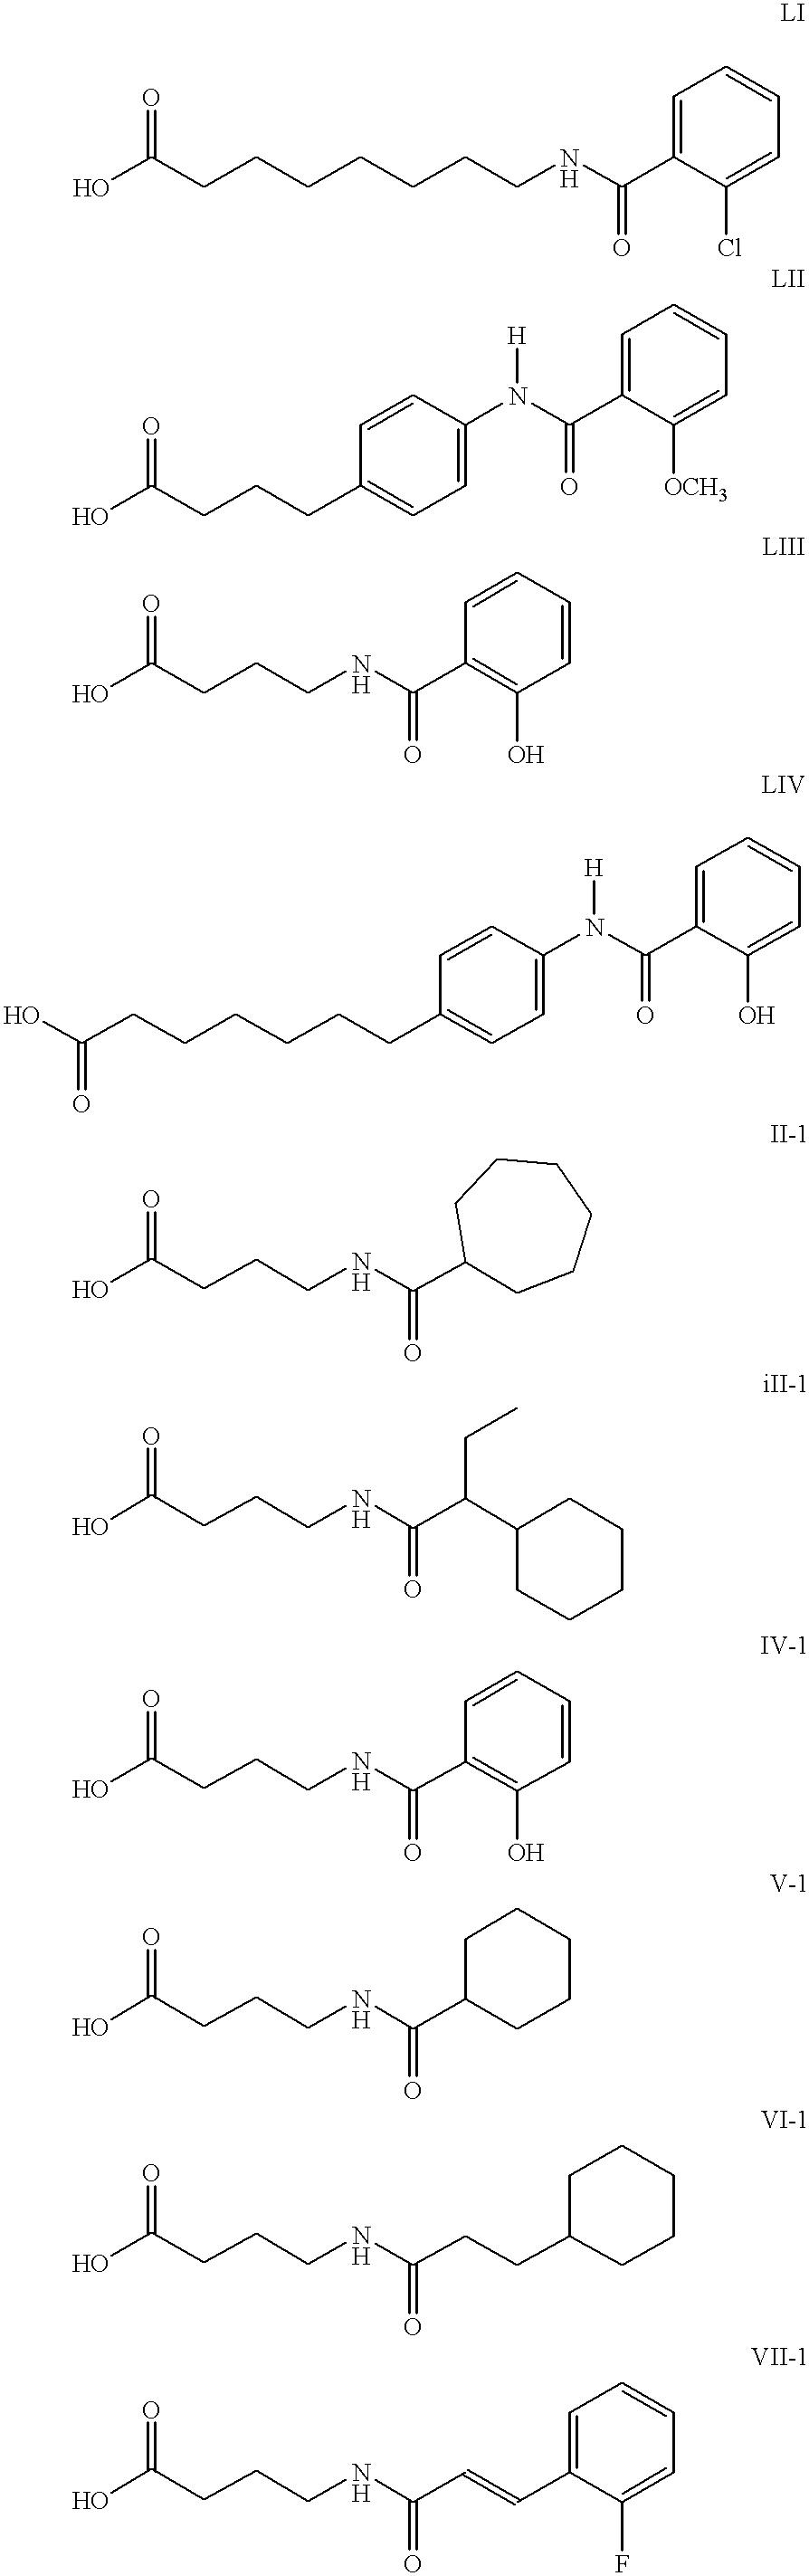 Figure US06221367-20010424-C00013